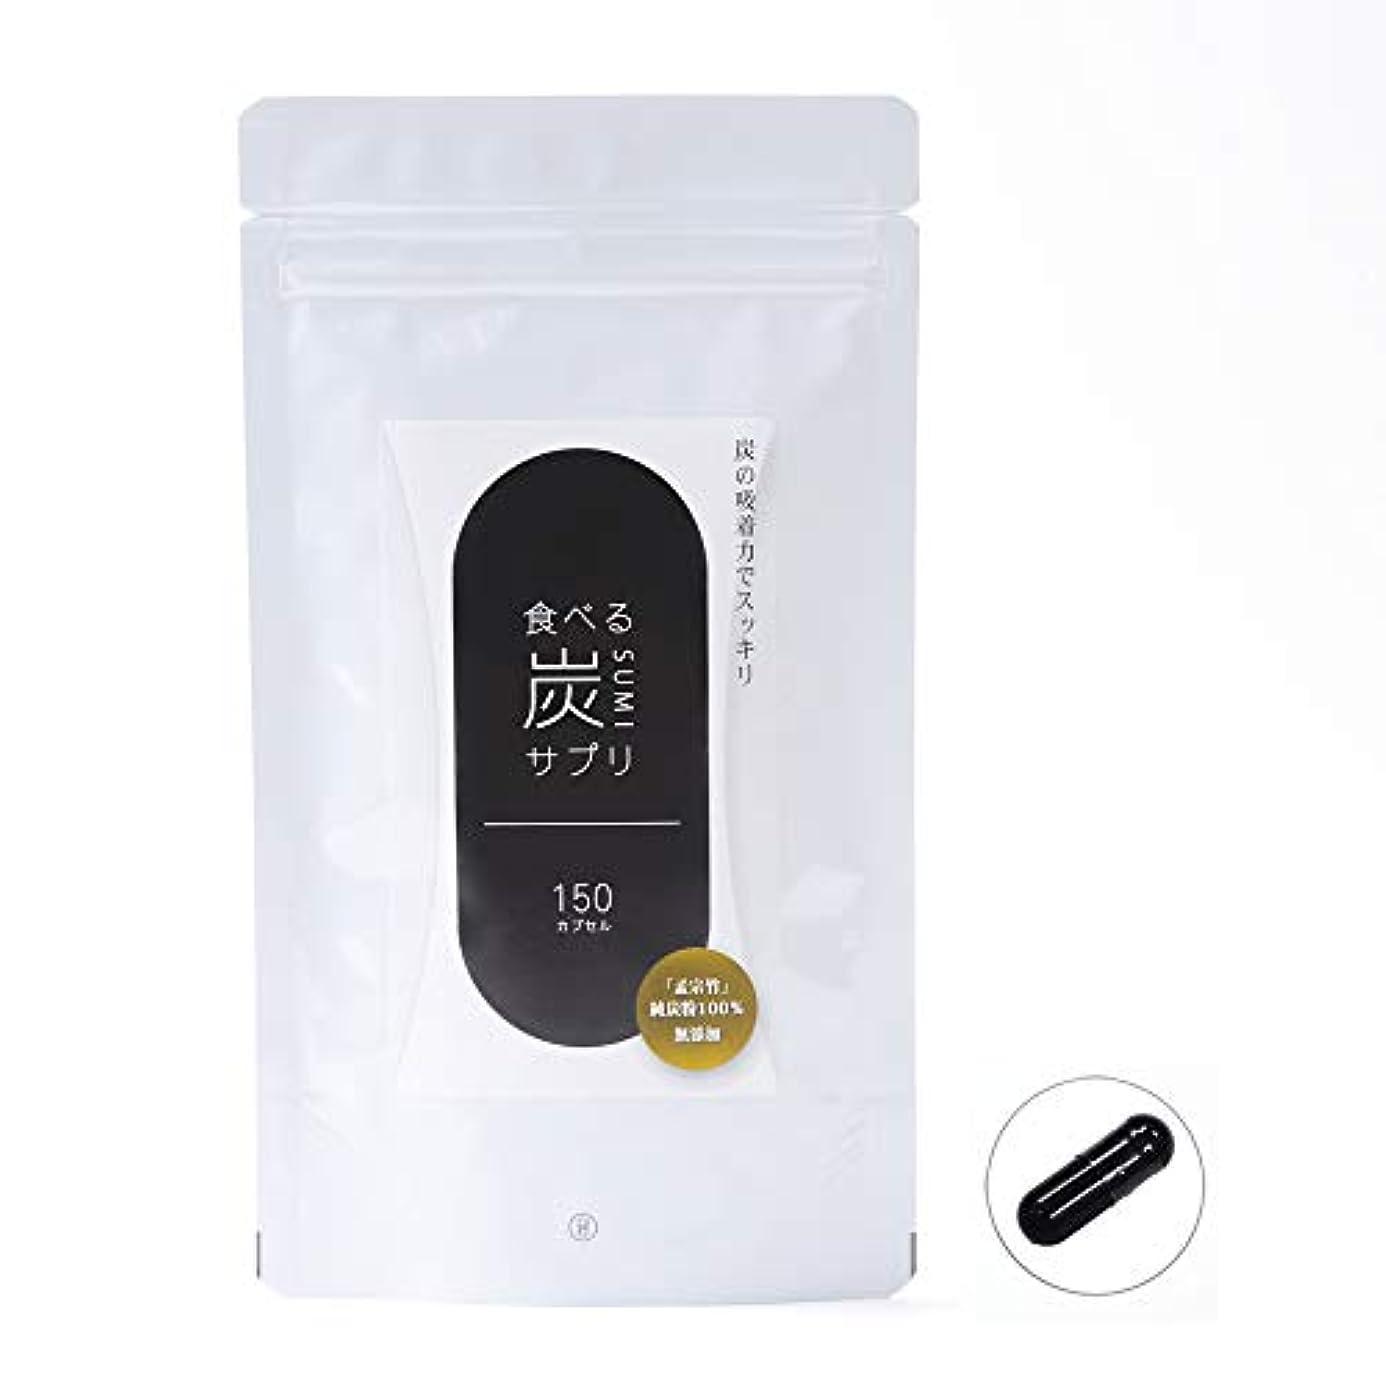 作物倫理ただやる炭ダイエット サプリ 食べる炭 (SUMI) サプリカプセル 150 カプセル入り 国産 竹炭粉入 炭カプセル